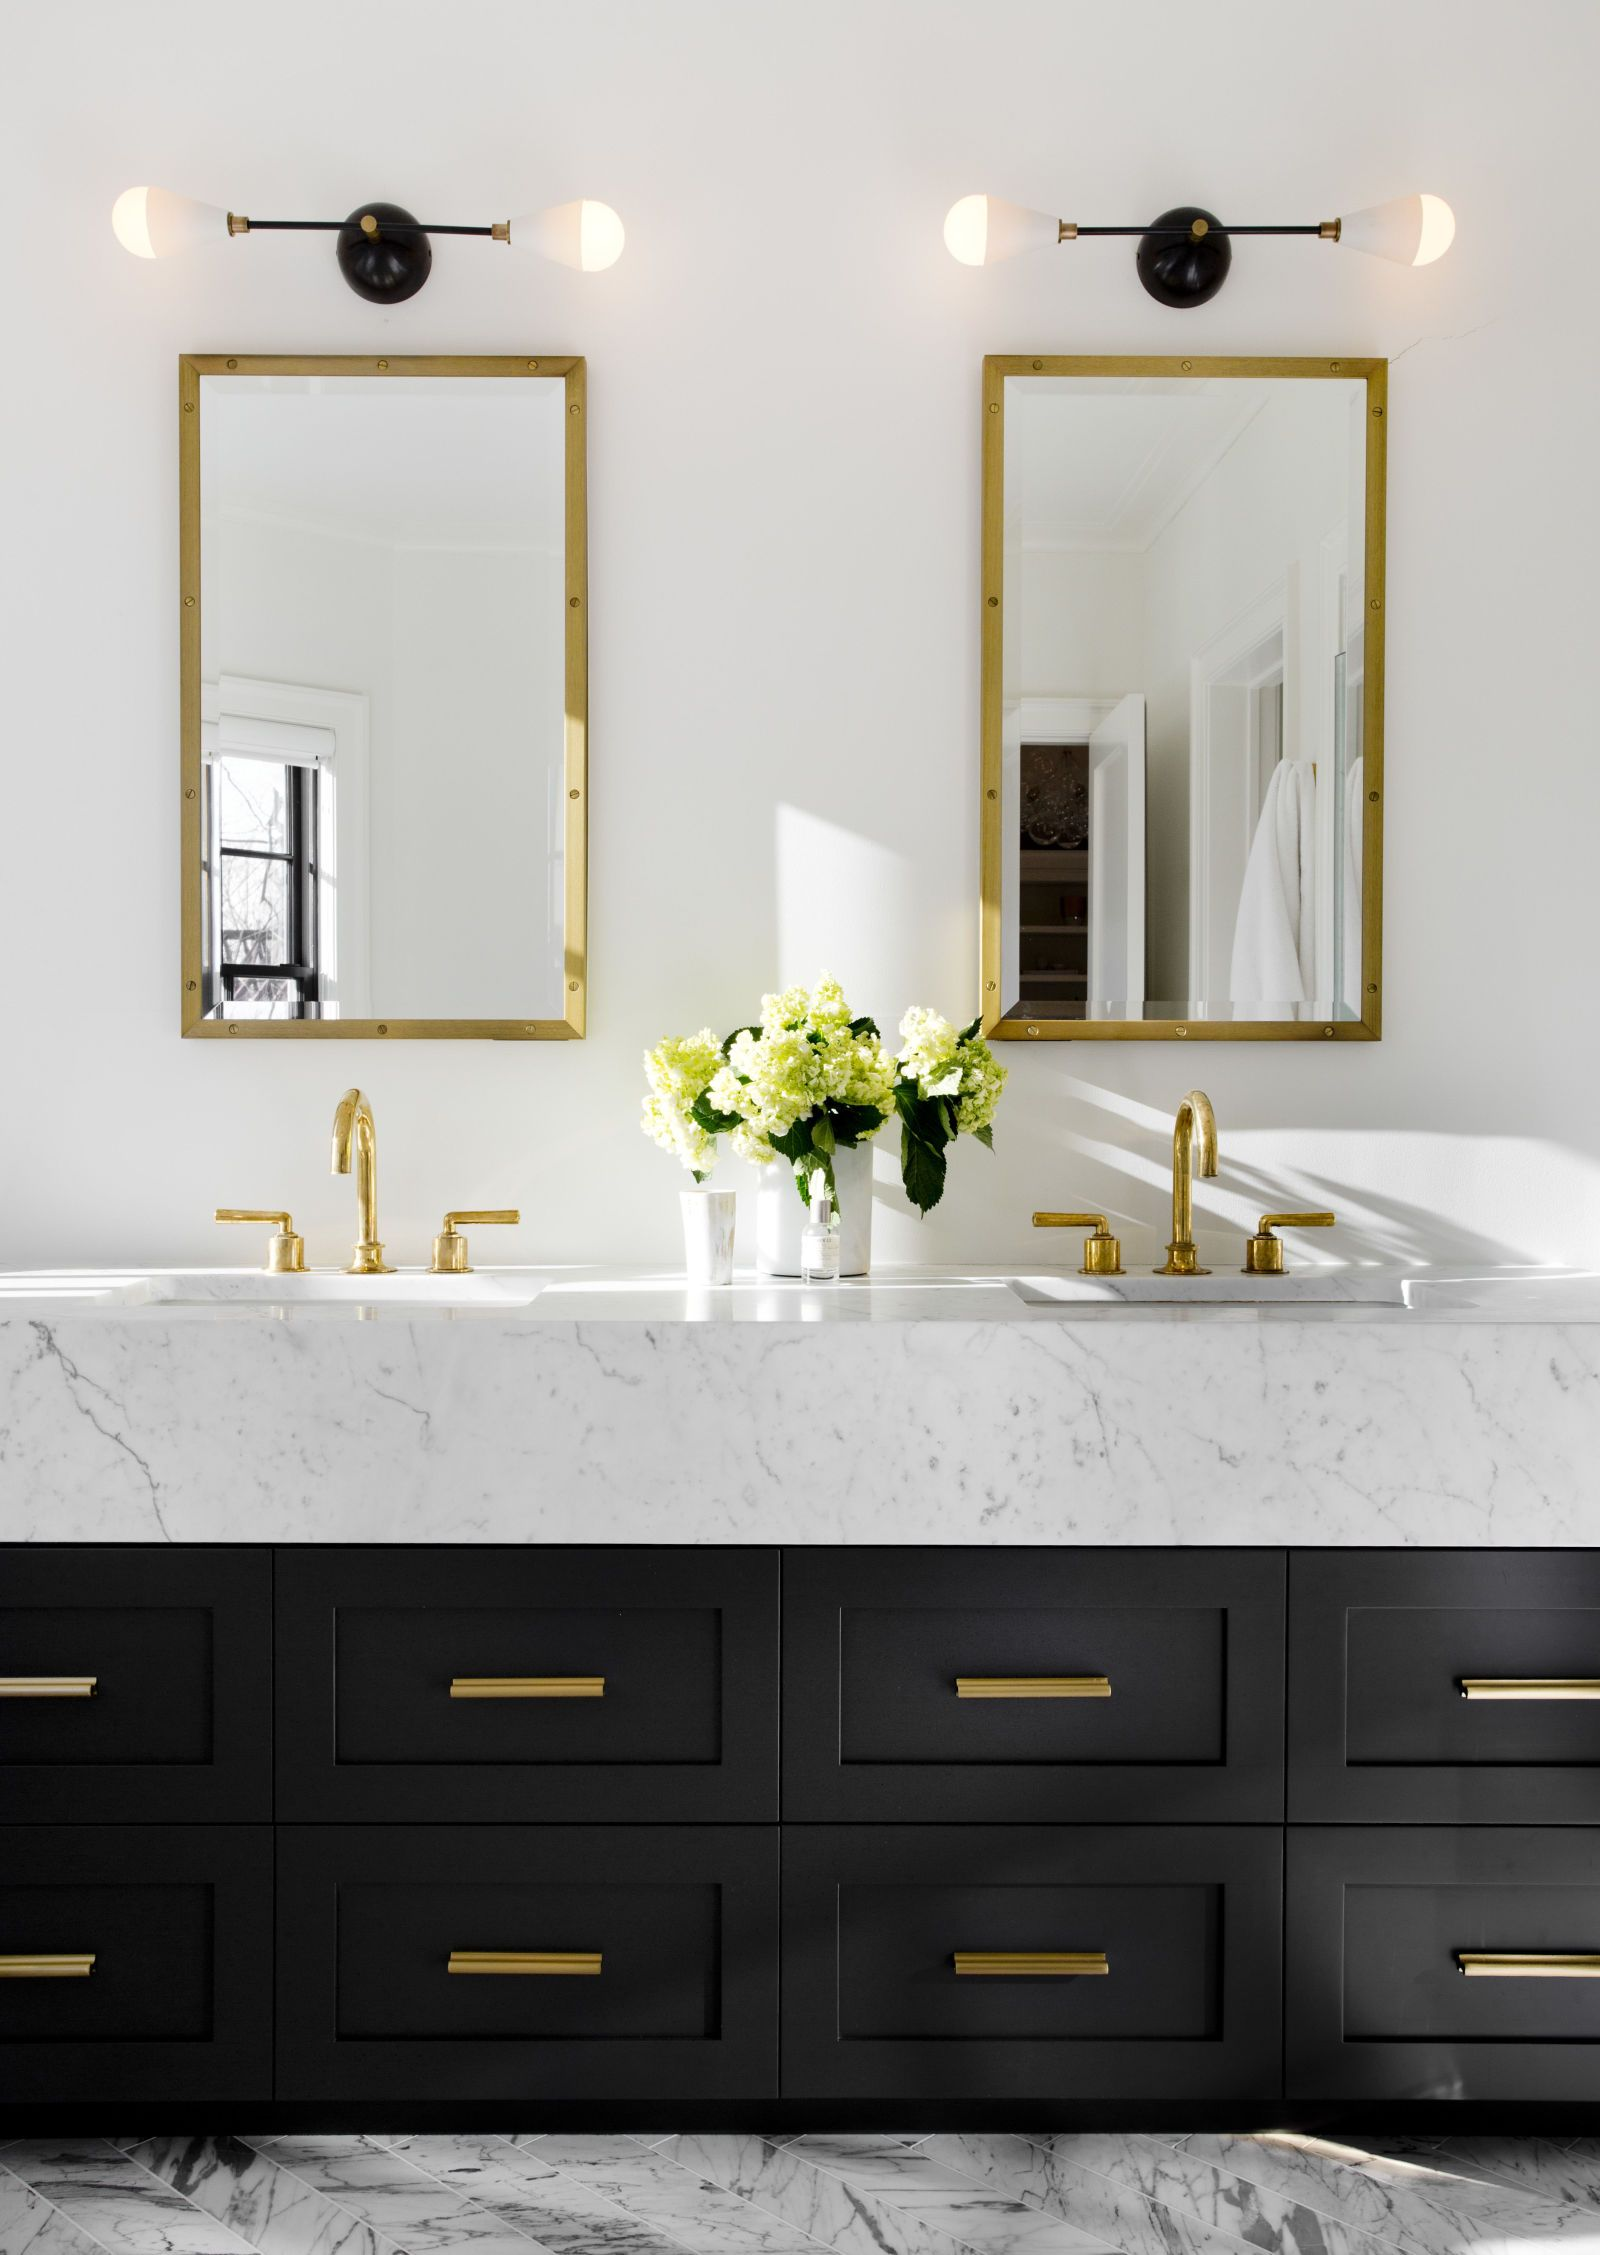 How to get a Modern Classic Bathroom - Inspiration Design Books Blog